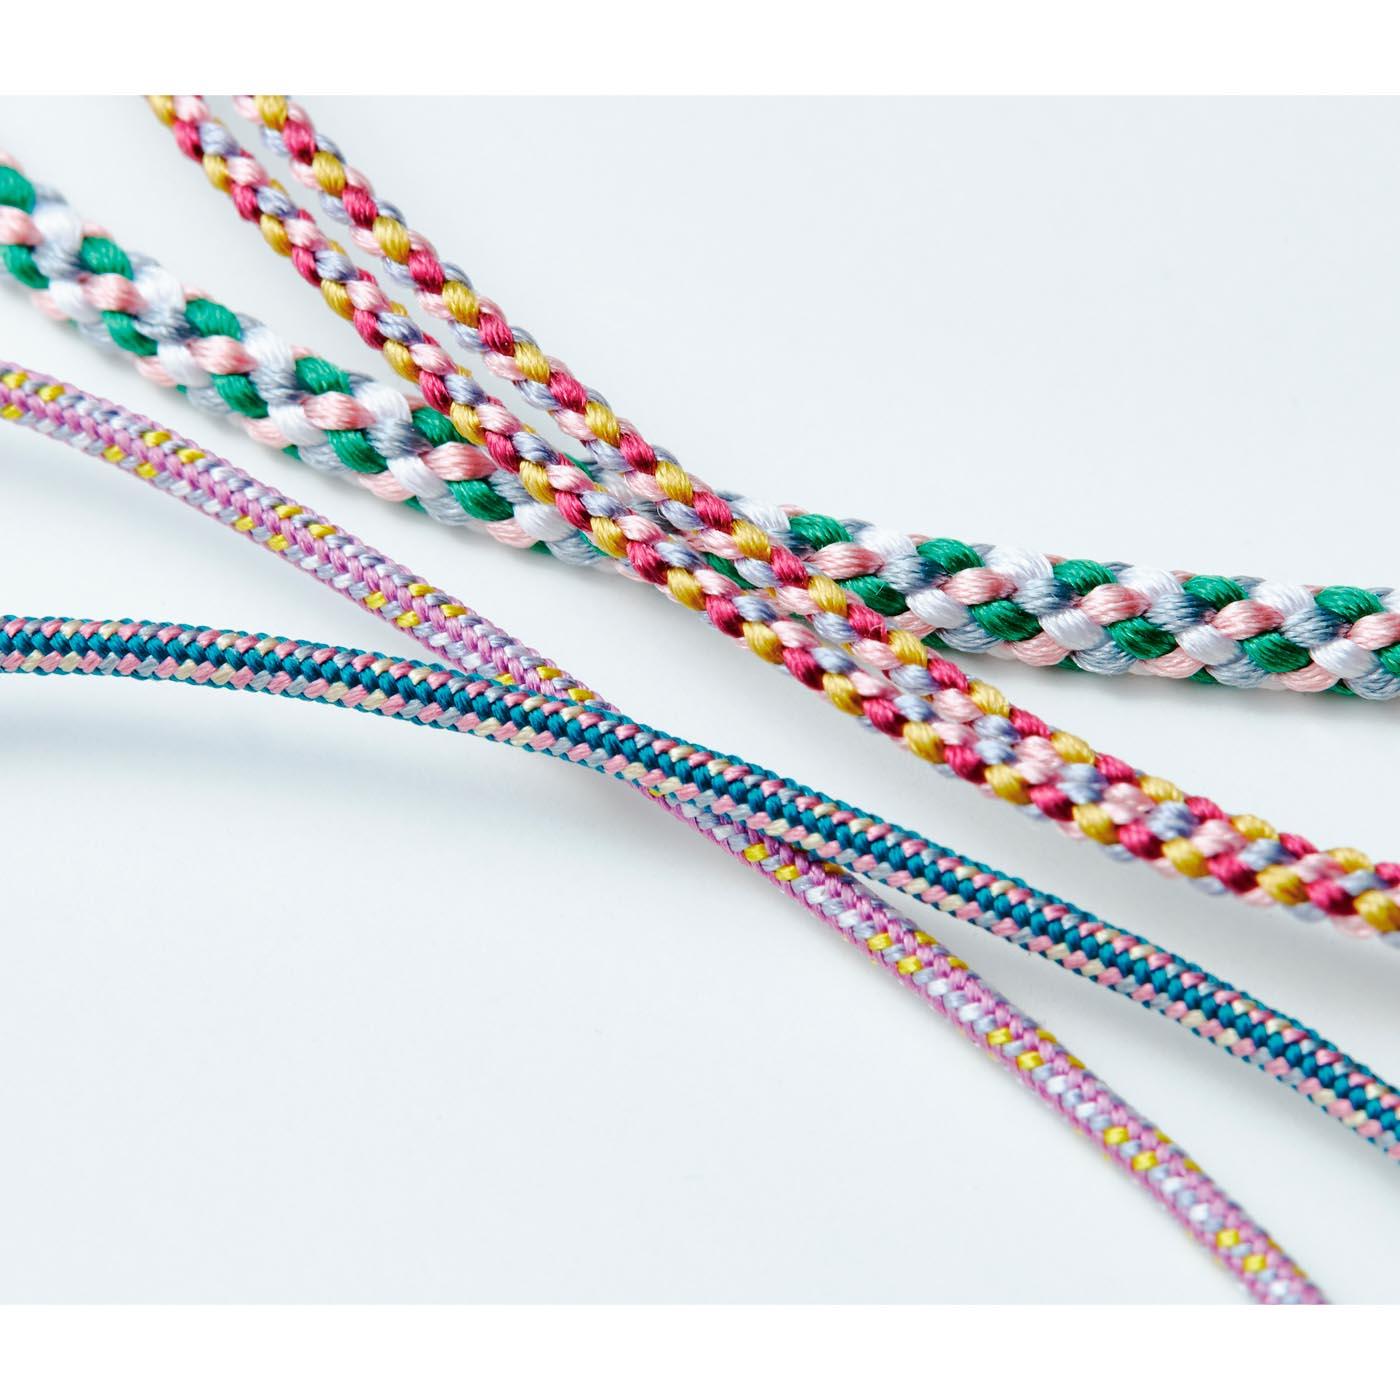 上品な光沢のある絹100%の糸を熟練の職人が製紐機を駆使してらせん状に組み上げています。